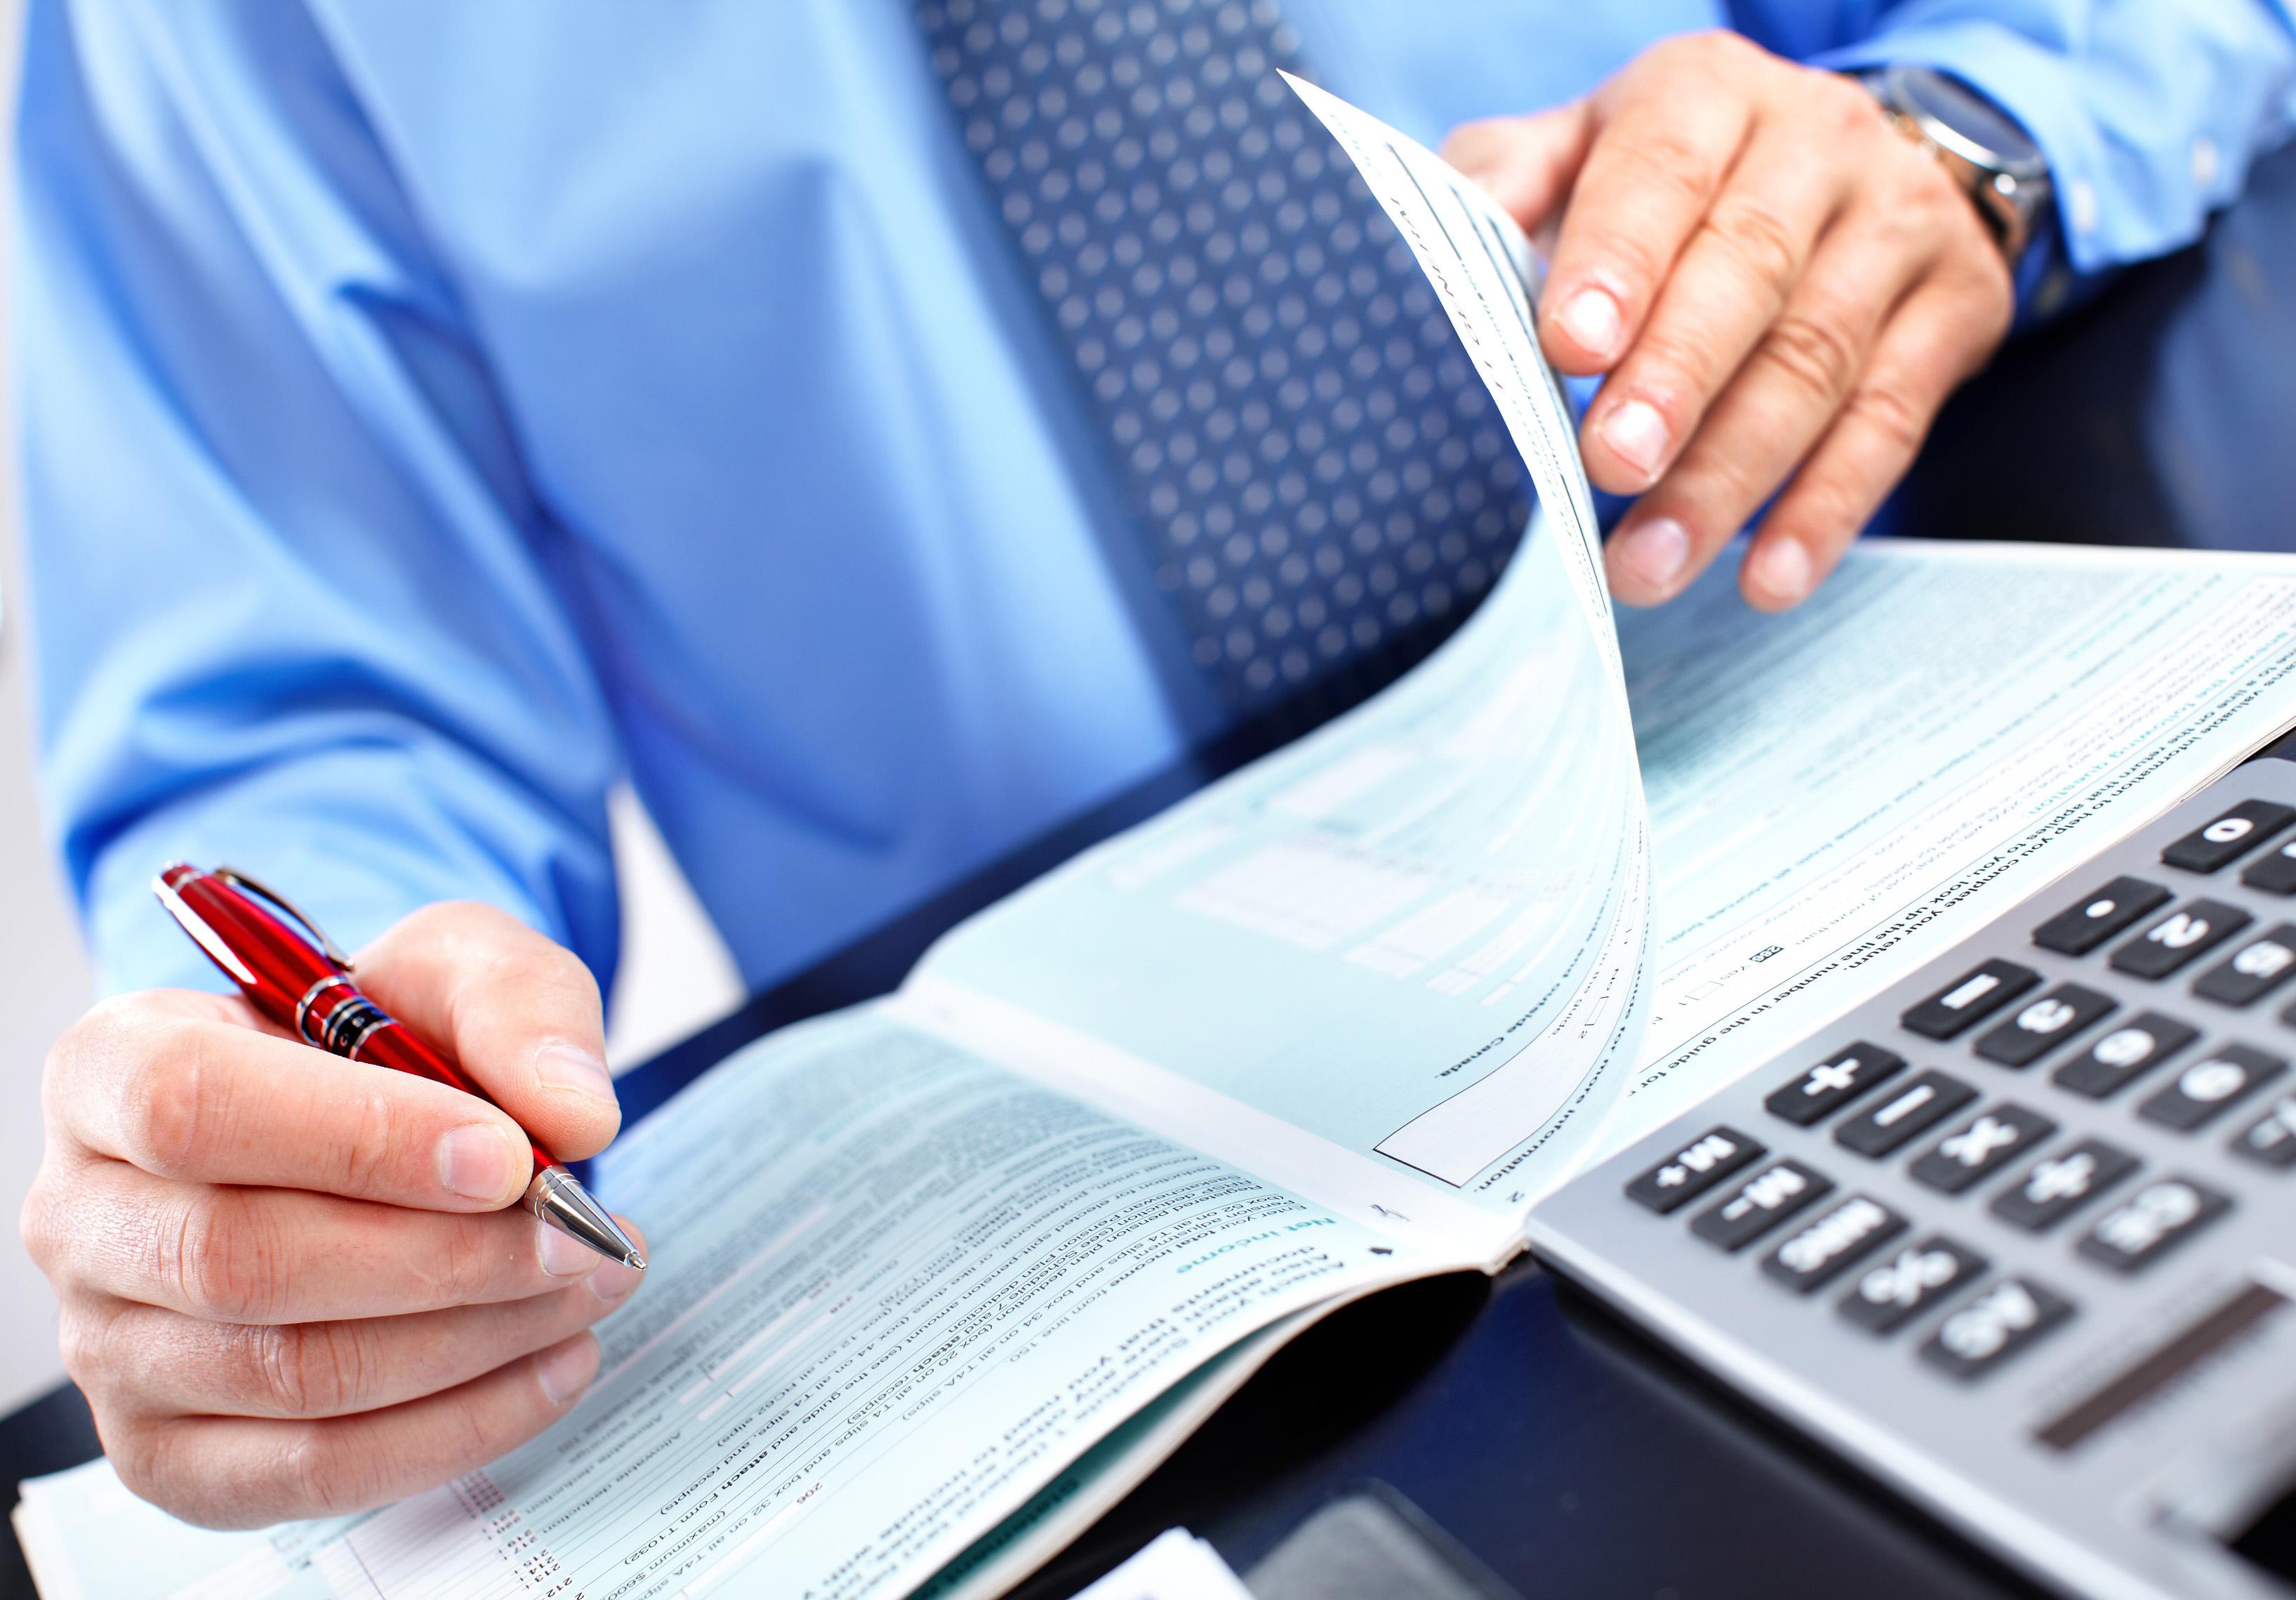 Công ty Xây dựng Đông Nam tuyển dụng 02 Kế toán (Nam)